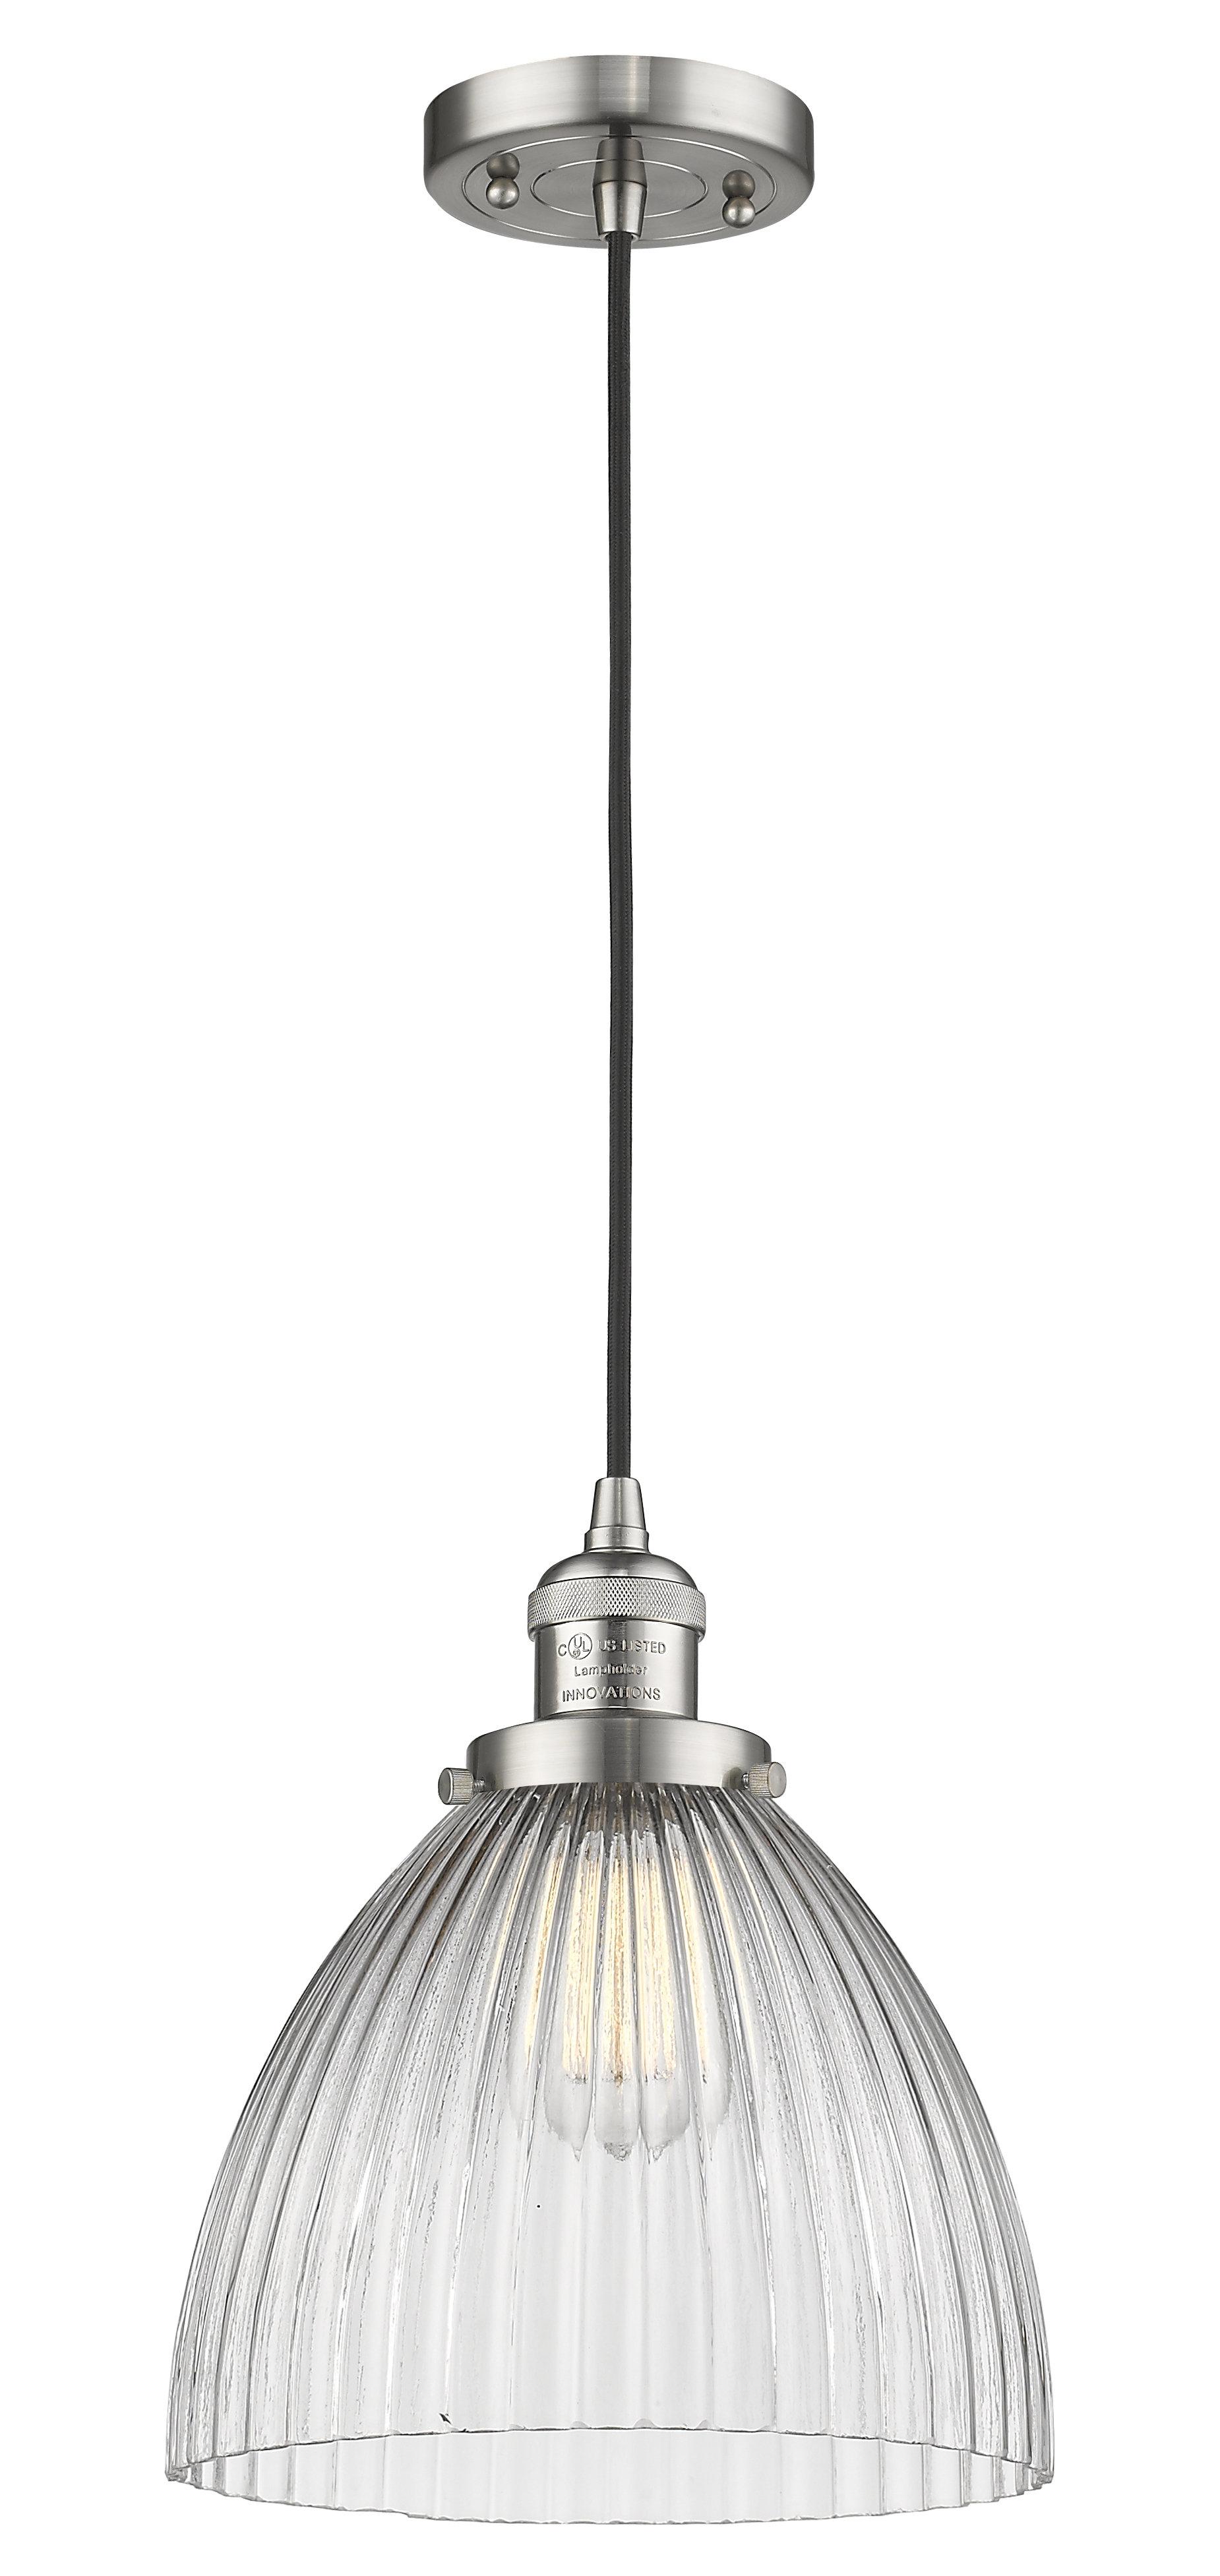 Tallulah 1 Light Single Bell Pendant For 1 Light Single Bell Pendants (View 26 of 30)